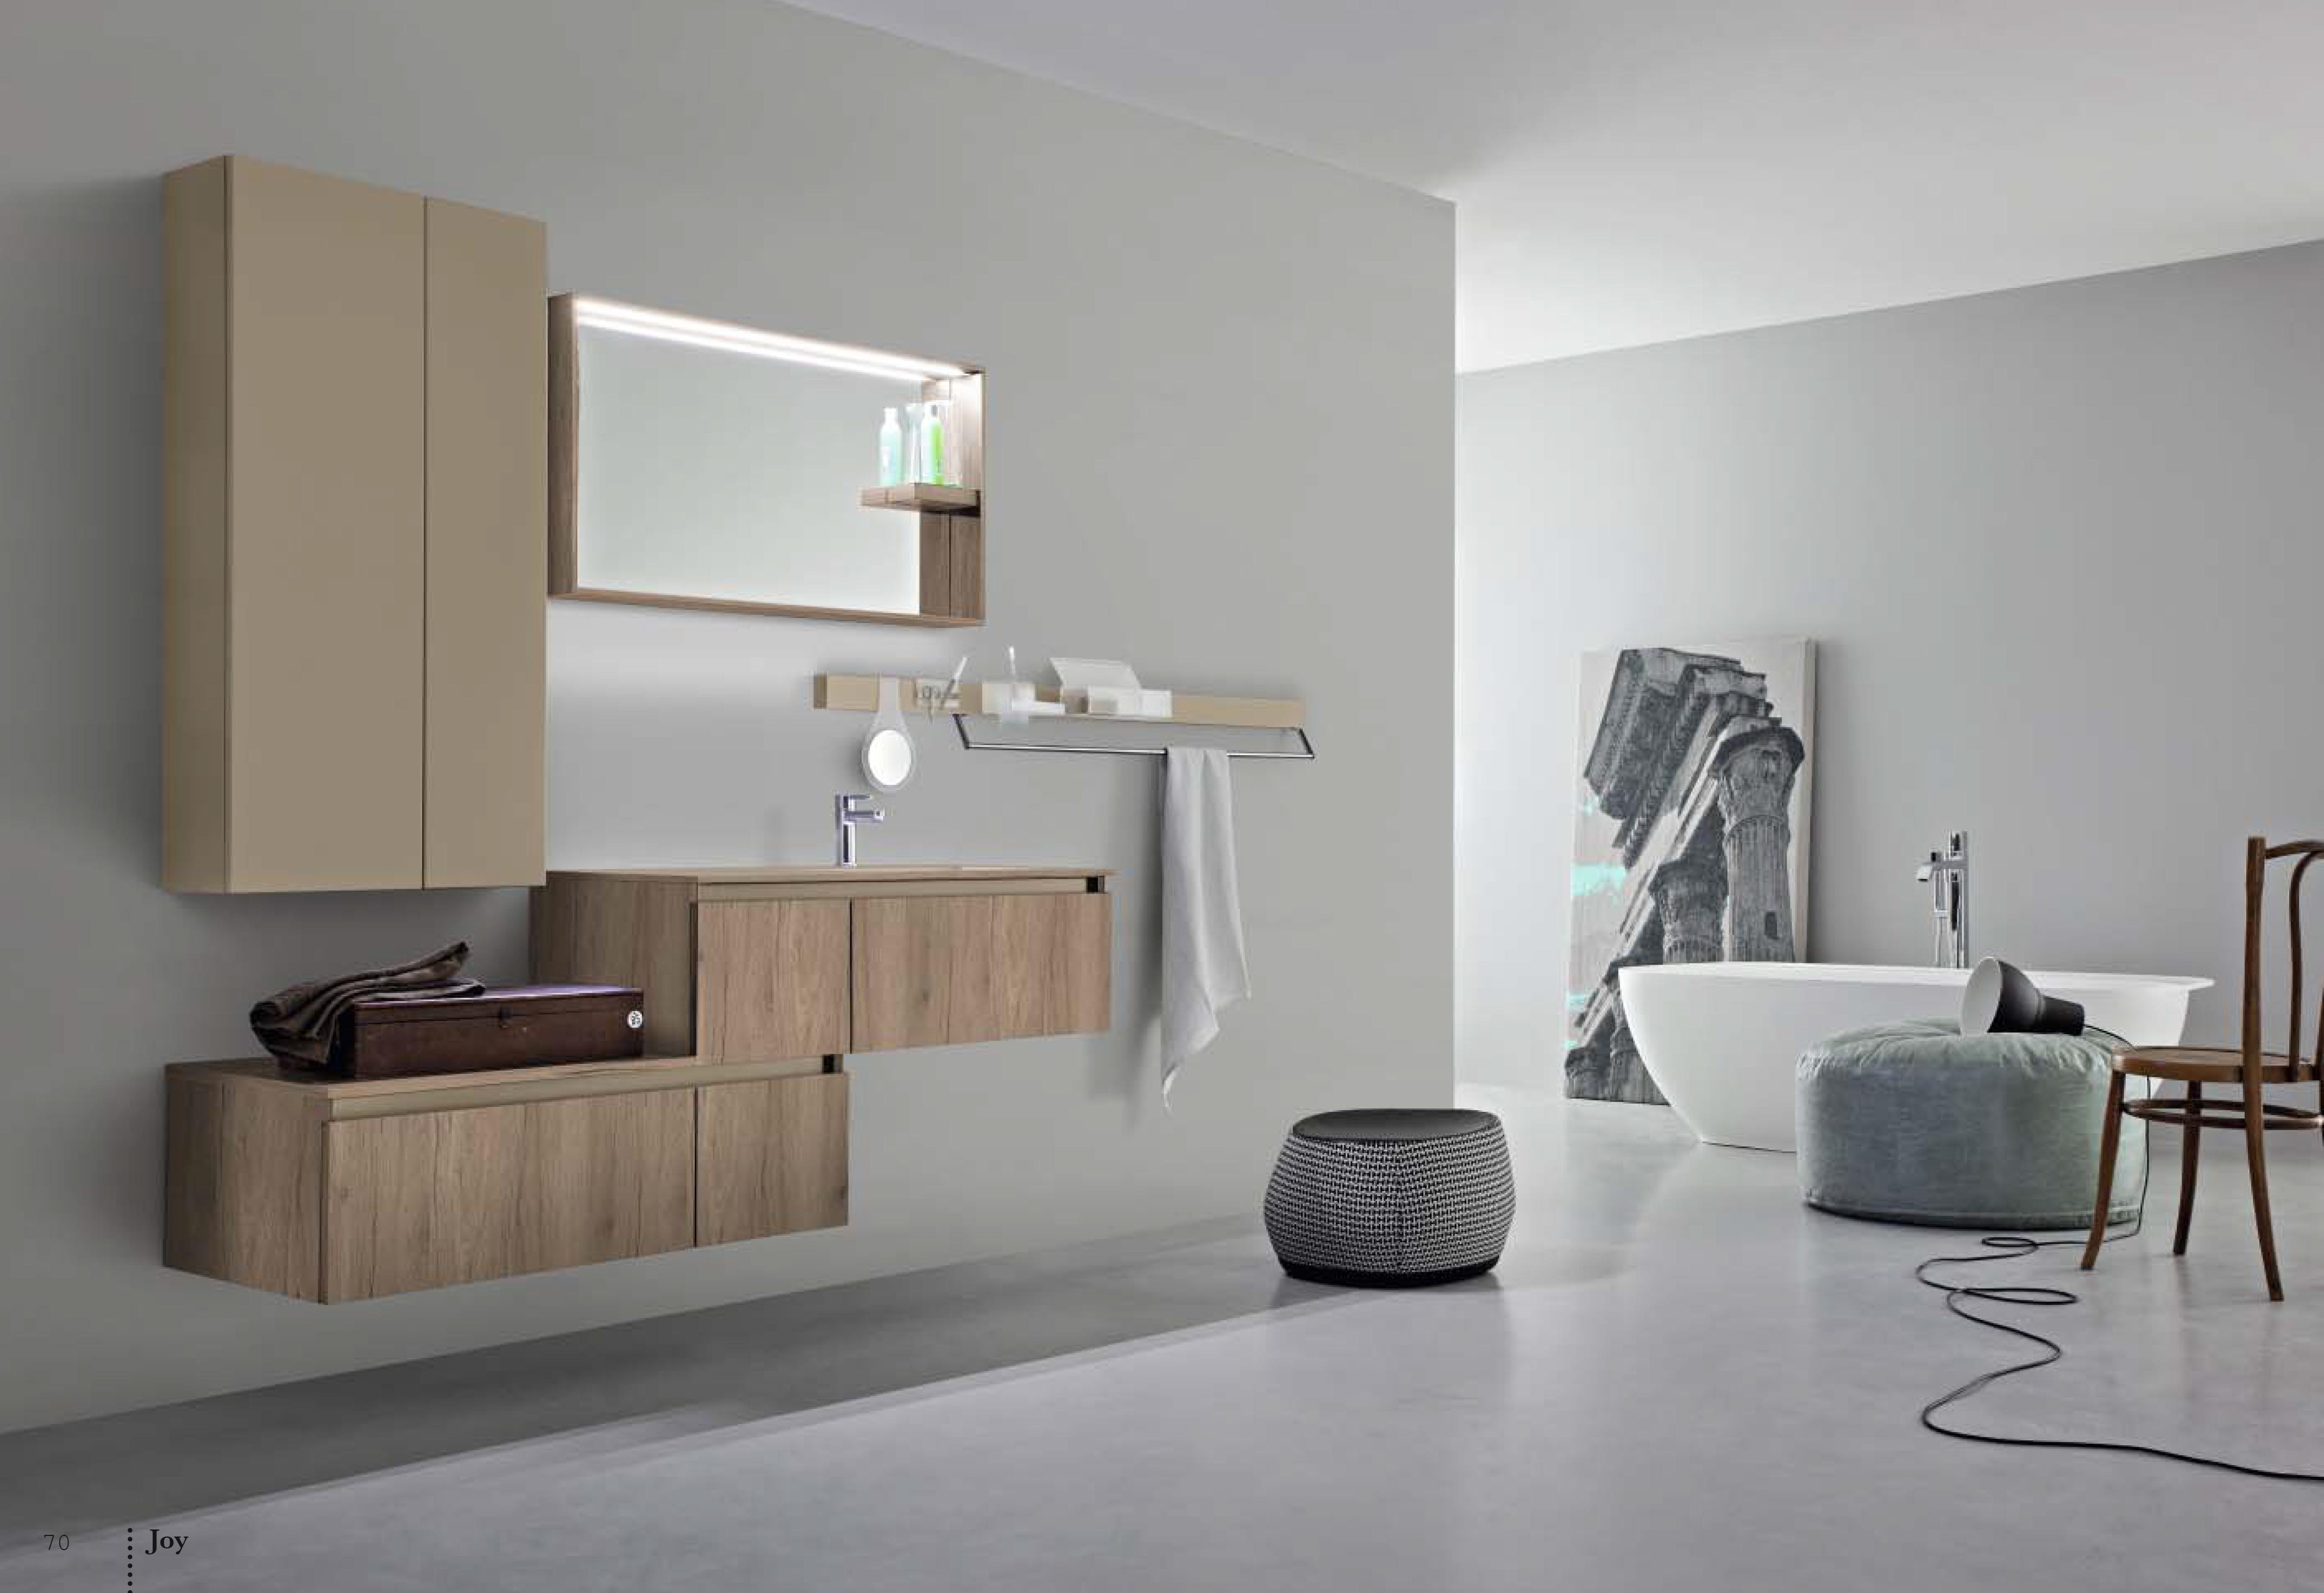 Mobile da bagno modello movida ditta cerasa - Mobile bagno joy ...